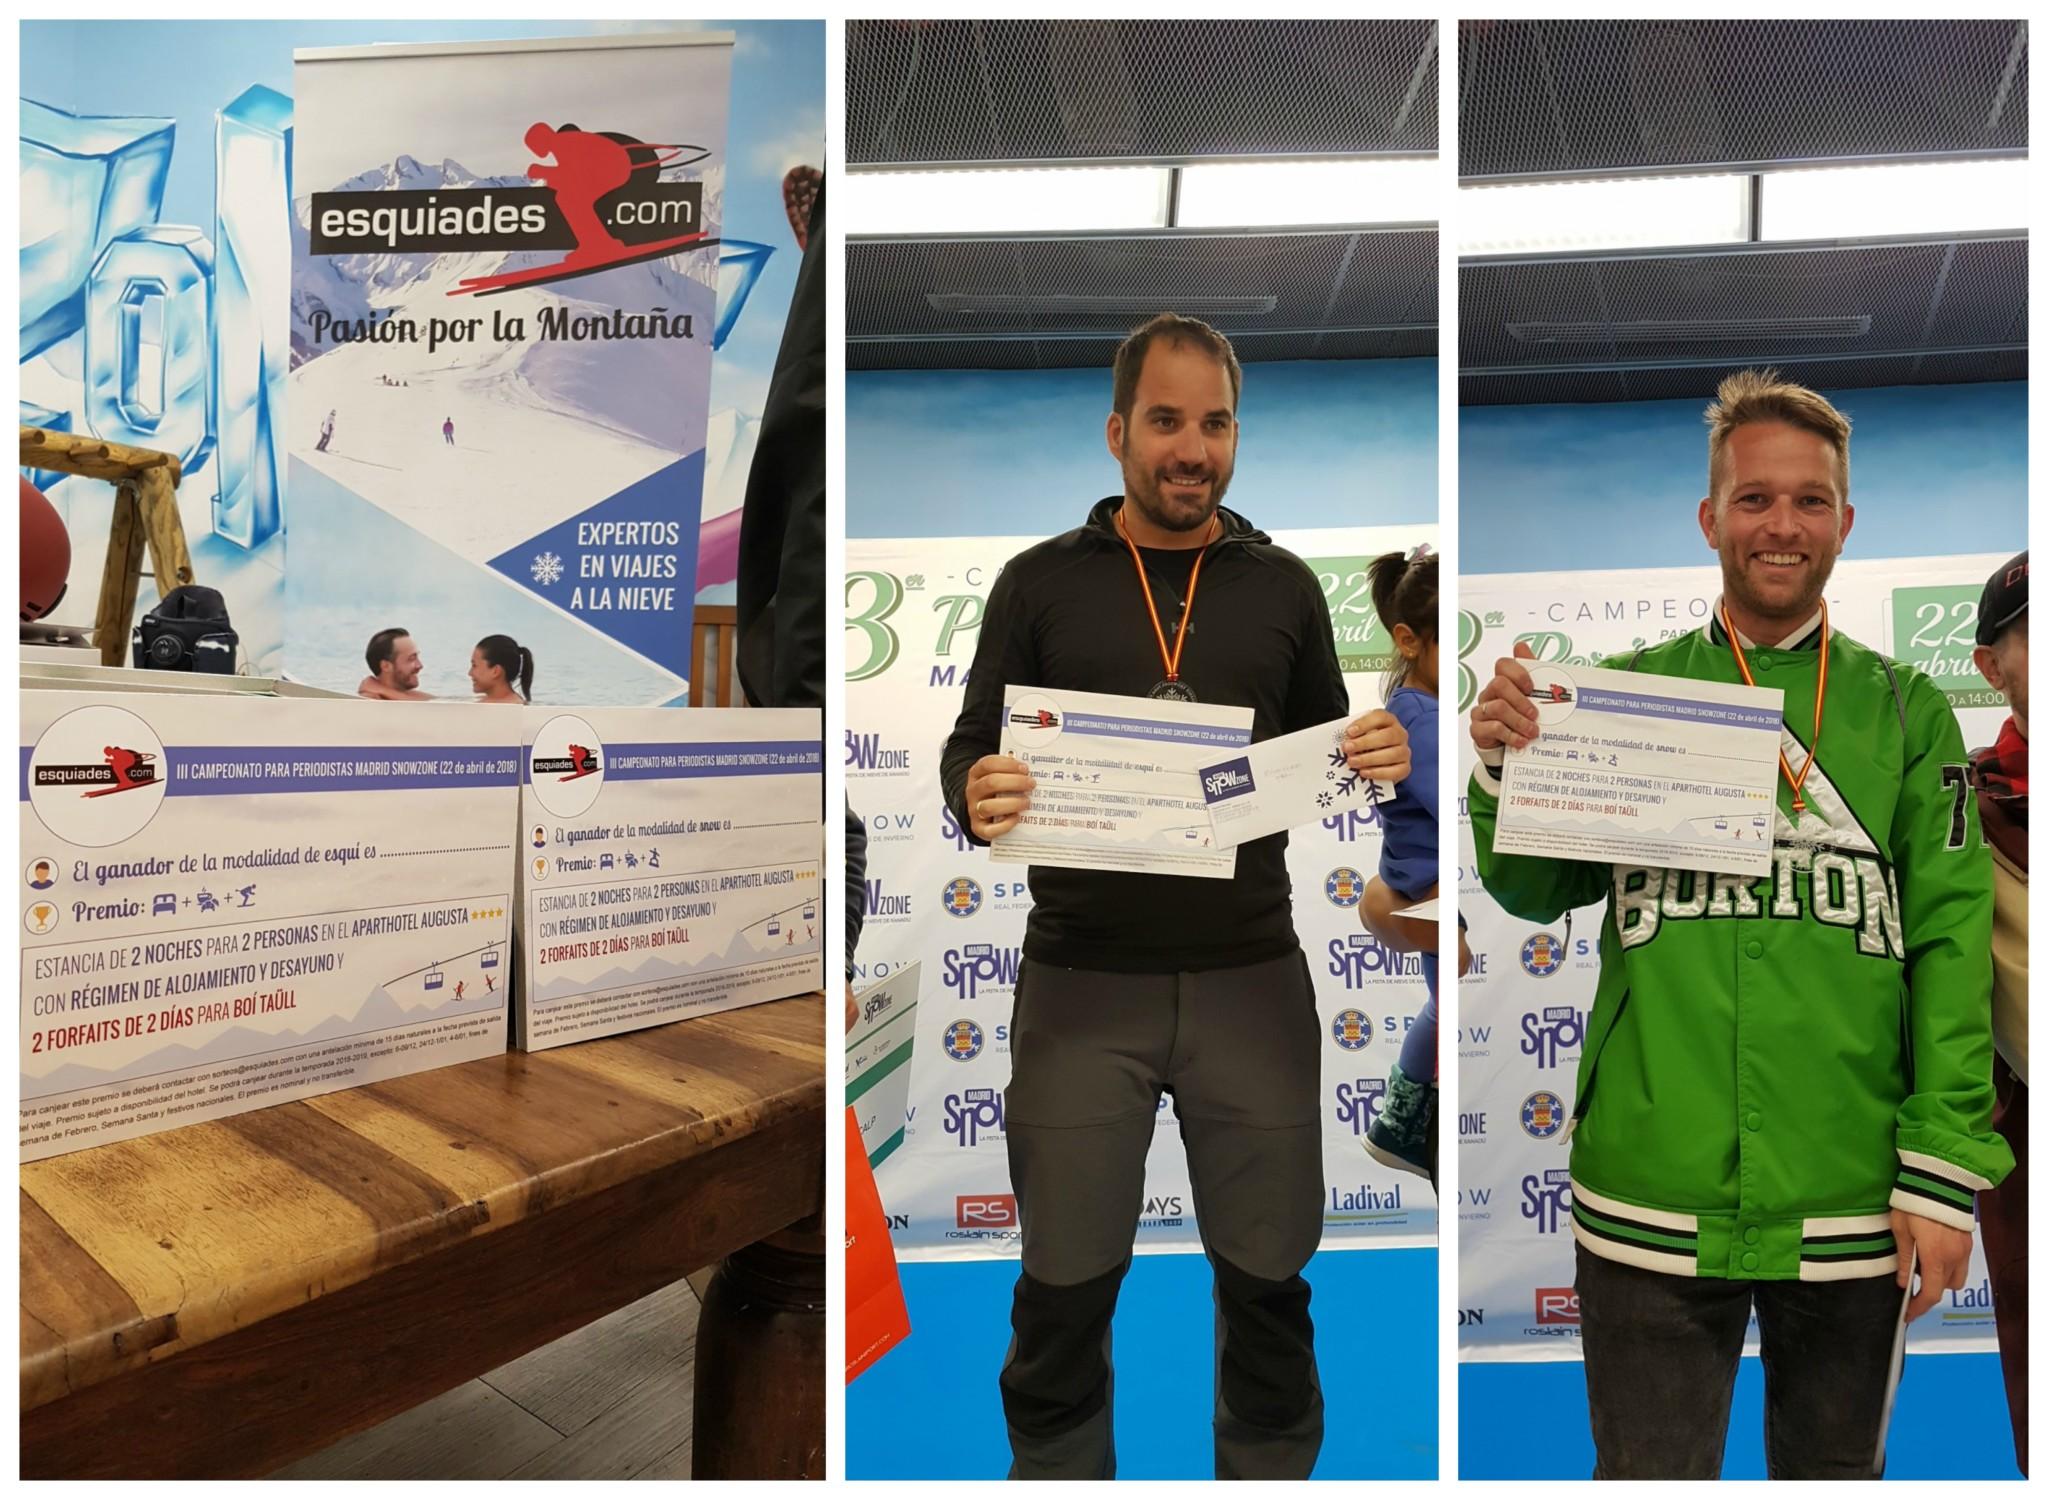 SnowZone-premios-esquiades.com